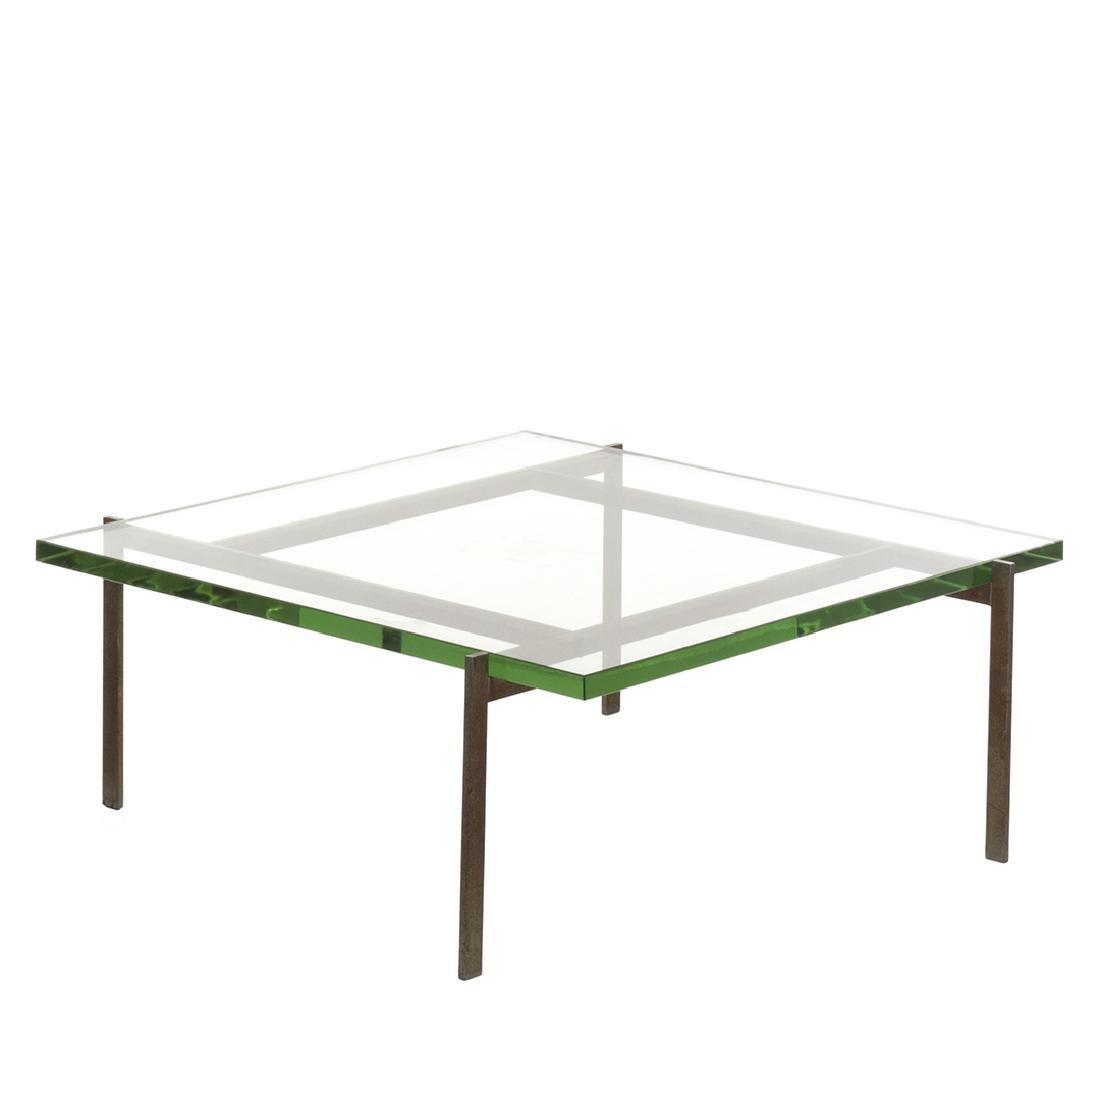 Poul Kjaerholm PK61 Coffee Table - 2